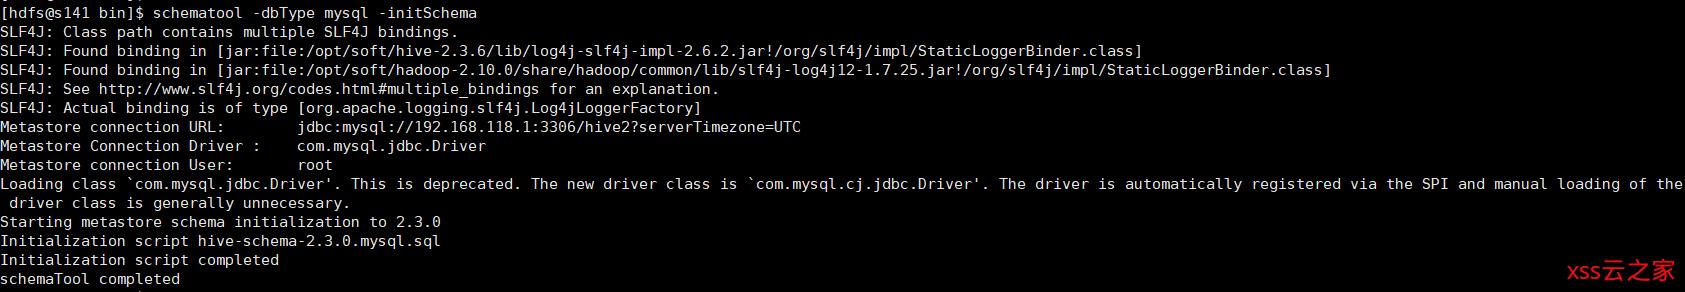 hadoop-2.10.0安装hive-2.3.6,centos7搭建hadoop2.10高可用(HA)